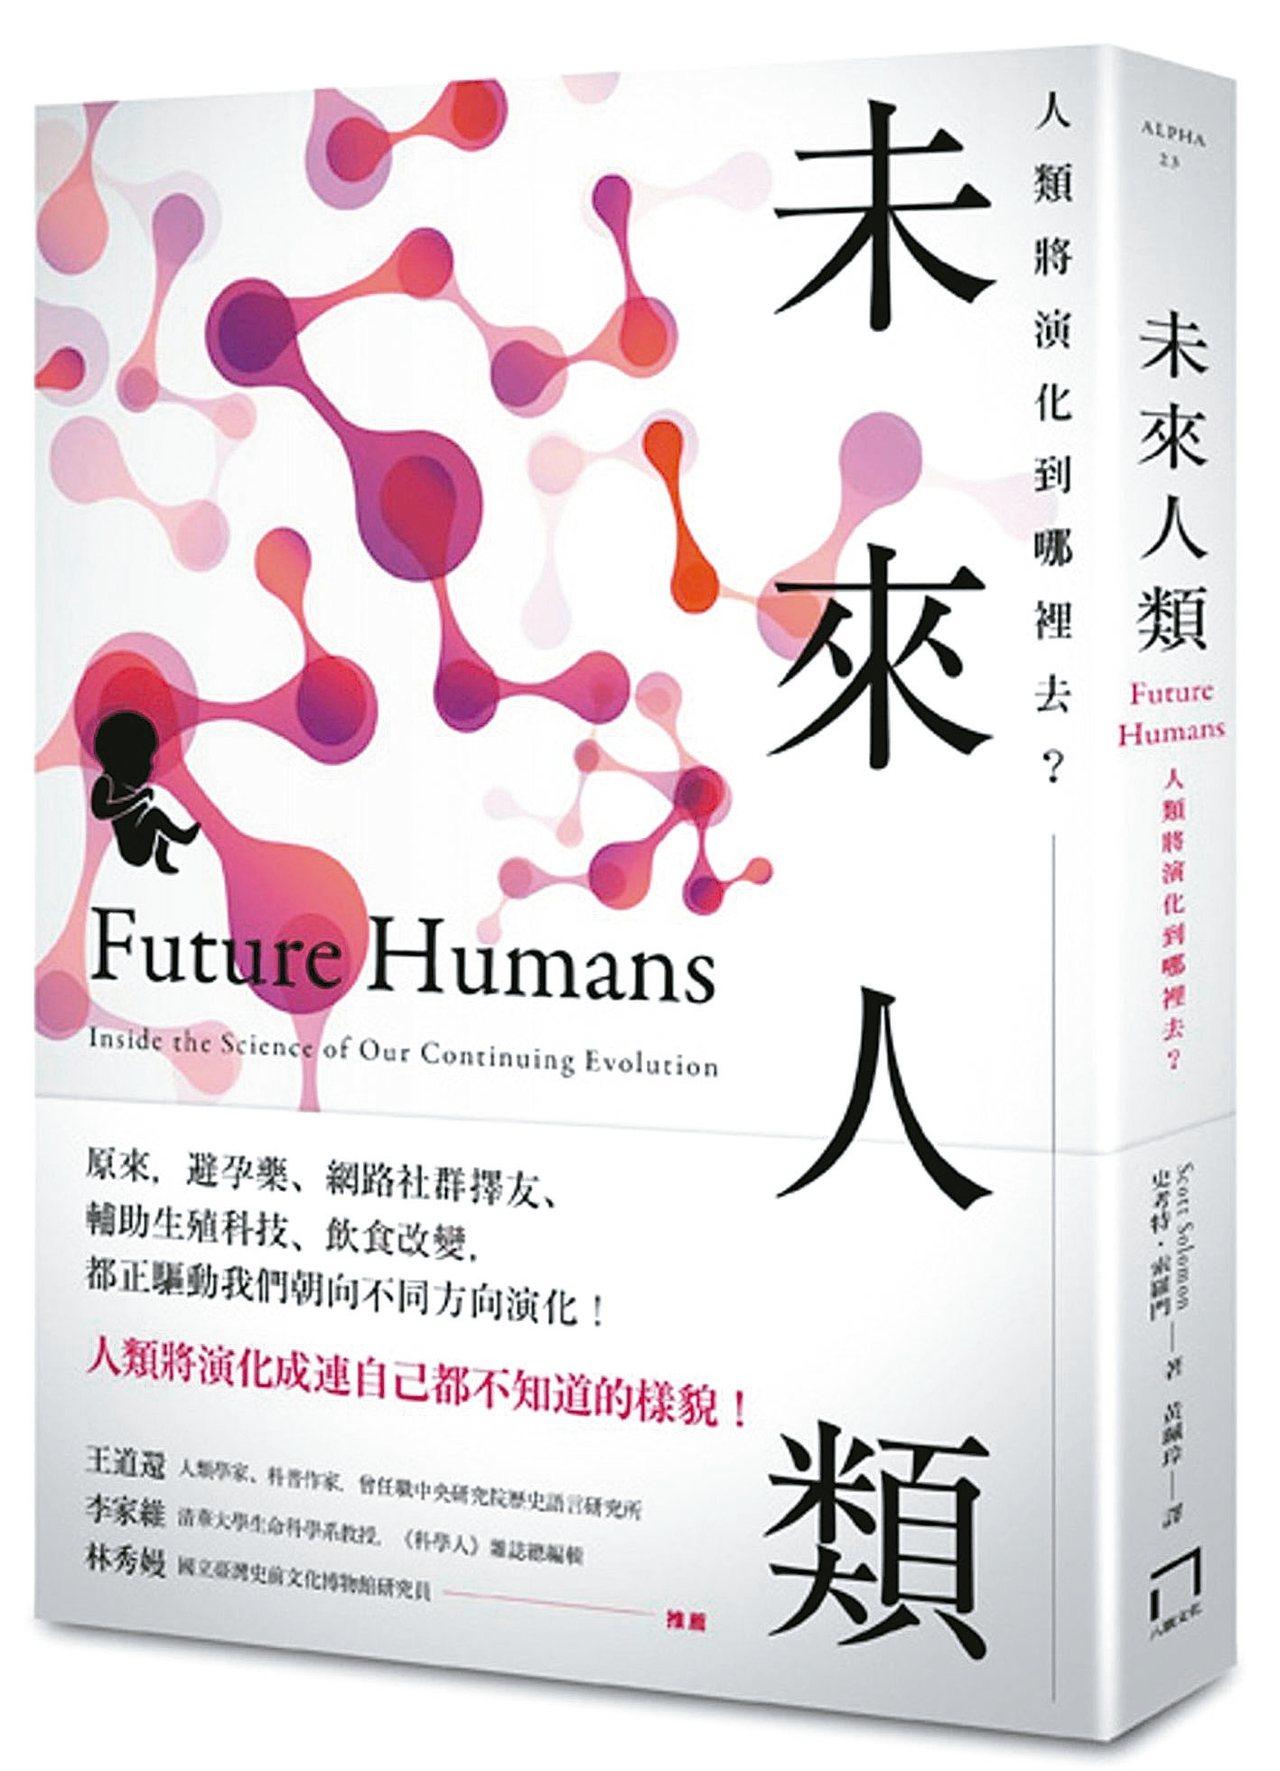 未來人類 八旗文化/提供